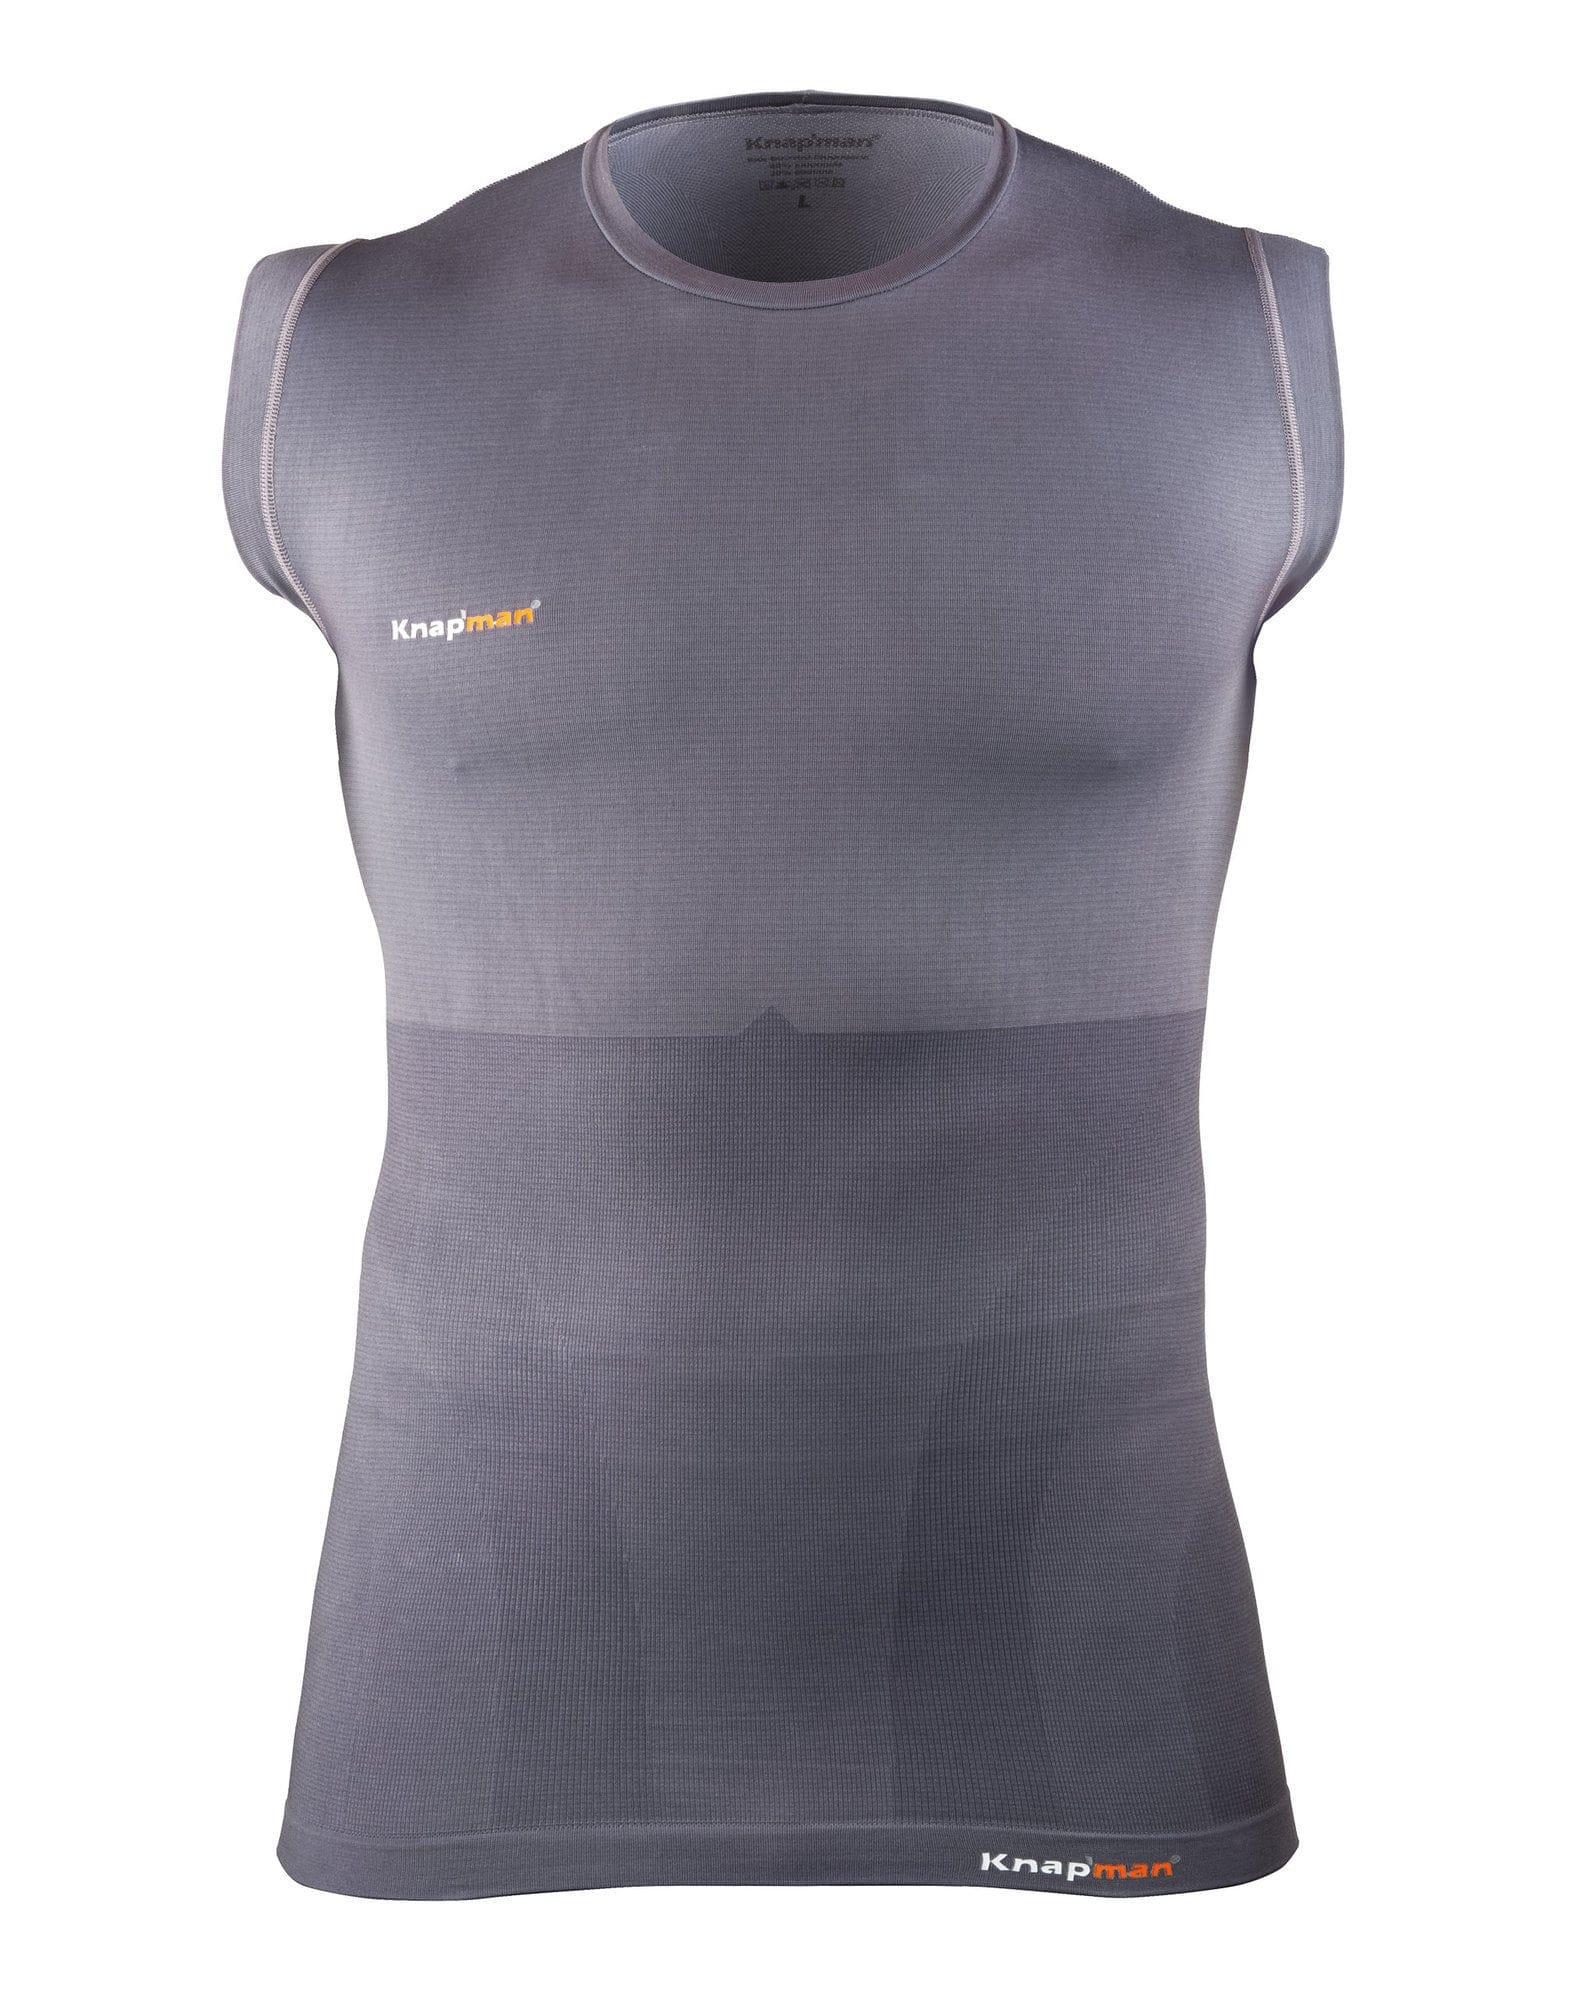 73e9b45c5d Voor Sleeveless Corrigerend Heren Knap man Shapewear Shirt nl Grijs aqCwv4